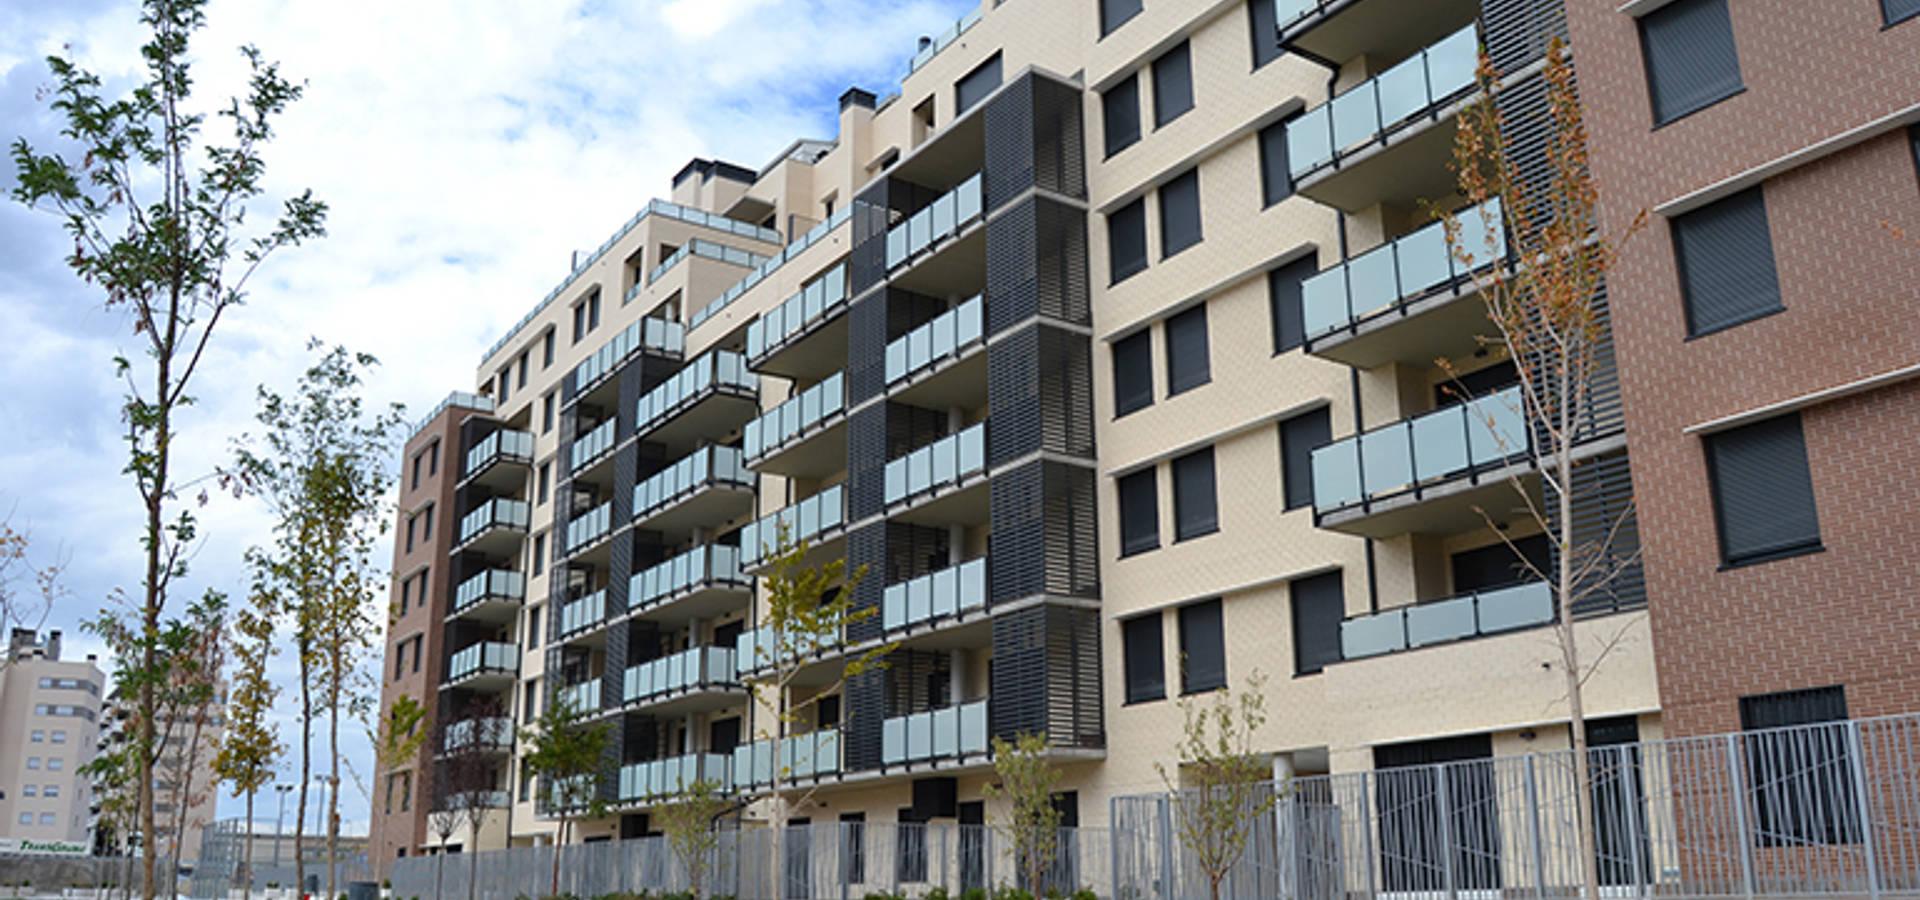 Edificio de viviendas en nuevo tres cantos de alia arquitectura energ a y medio ambiente homify - Viviendas tres cantos ...